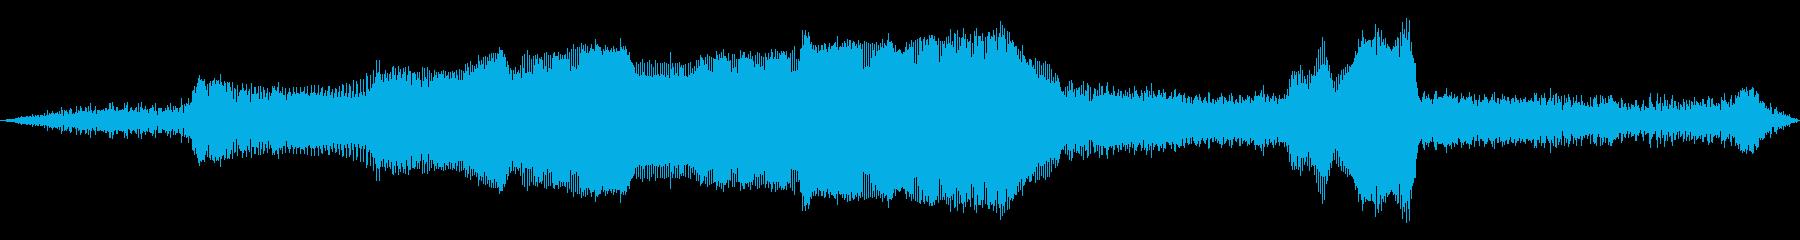 ビンテージ 車 シボレー57加速排...の再生済みの波形